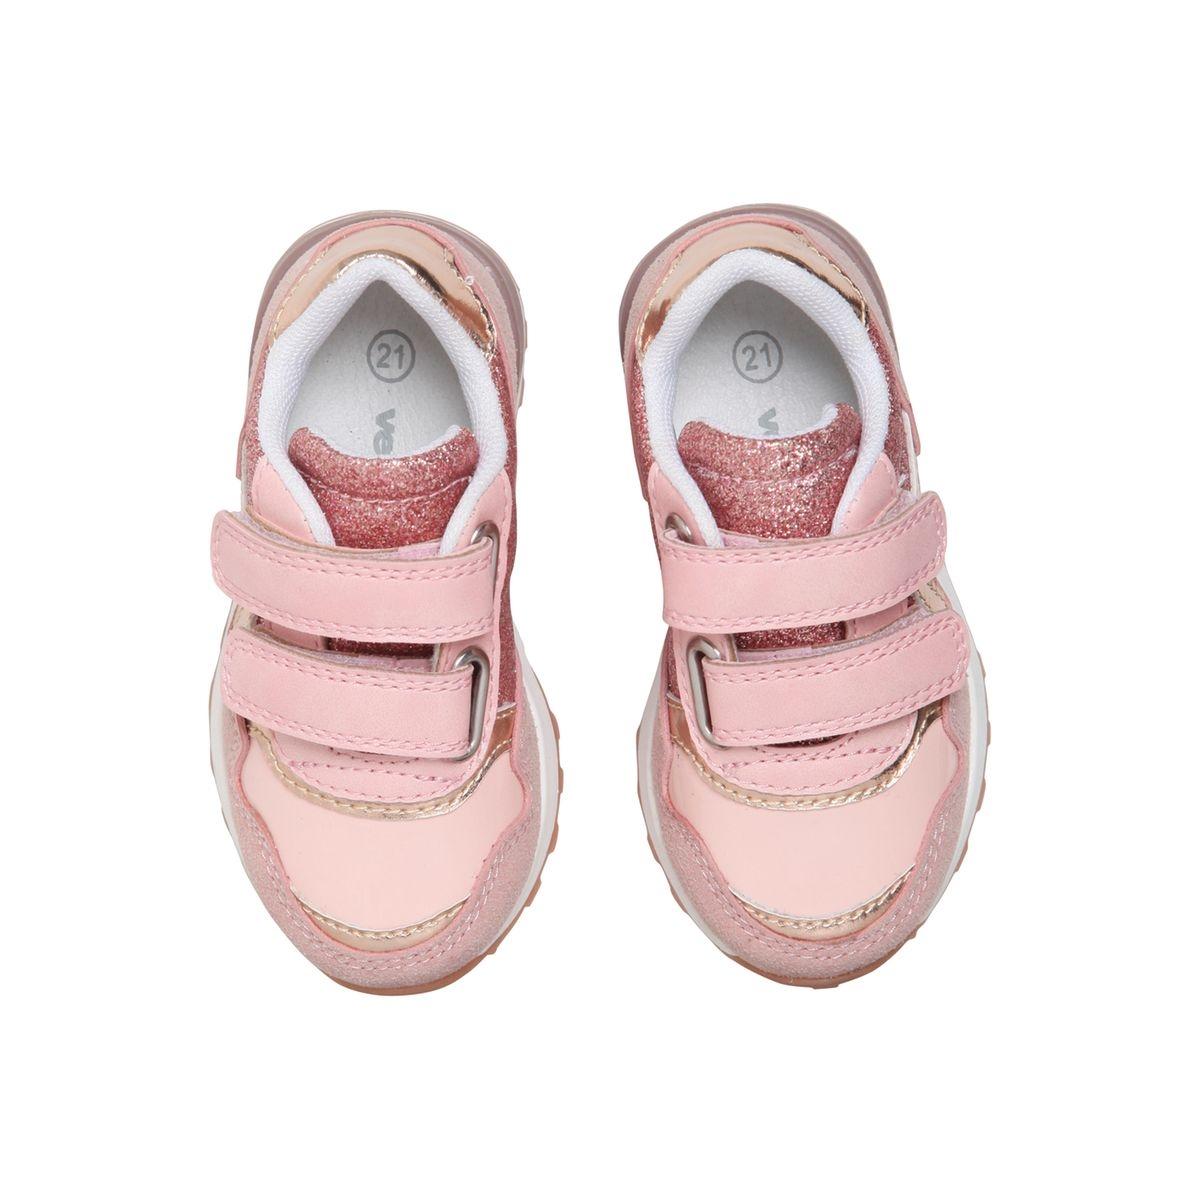 Baskets scratchées bébé fille esprit running